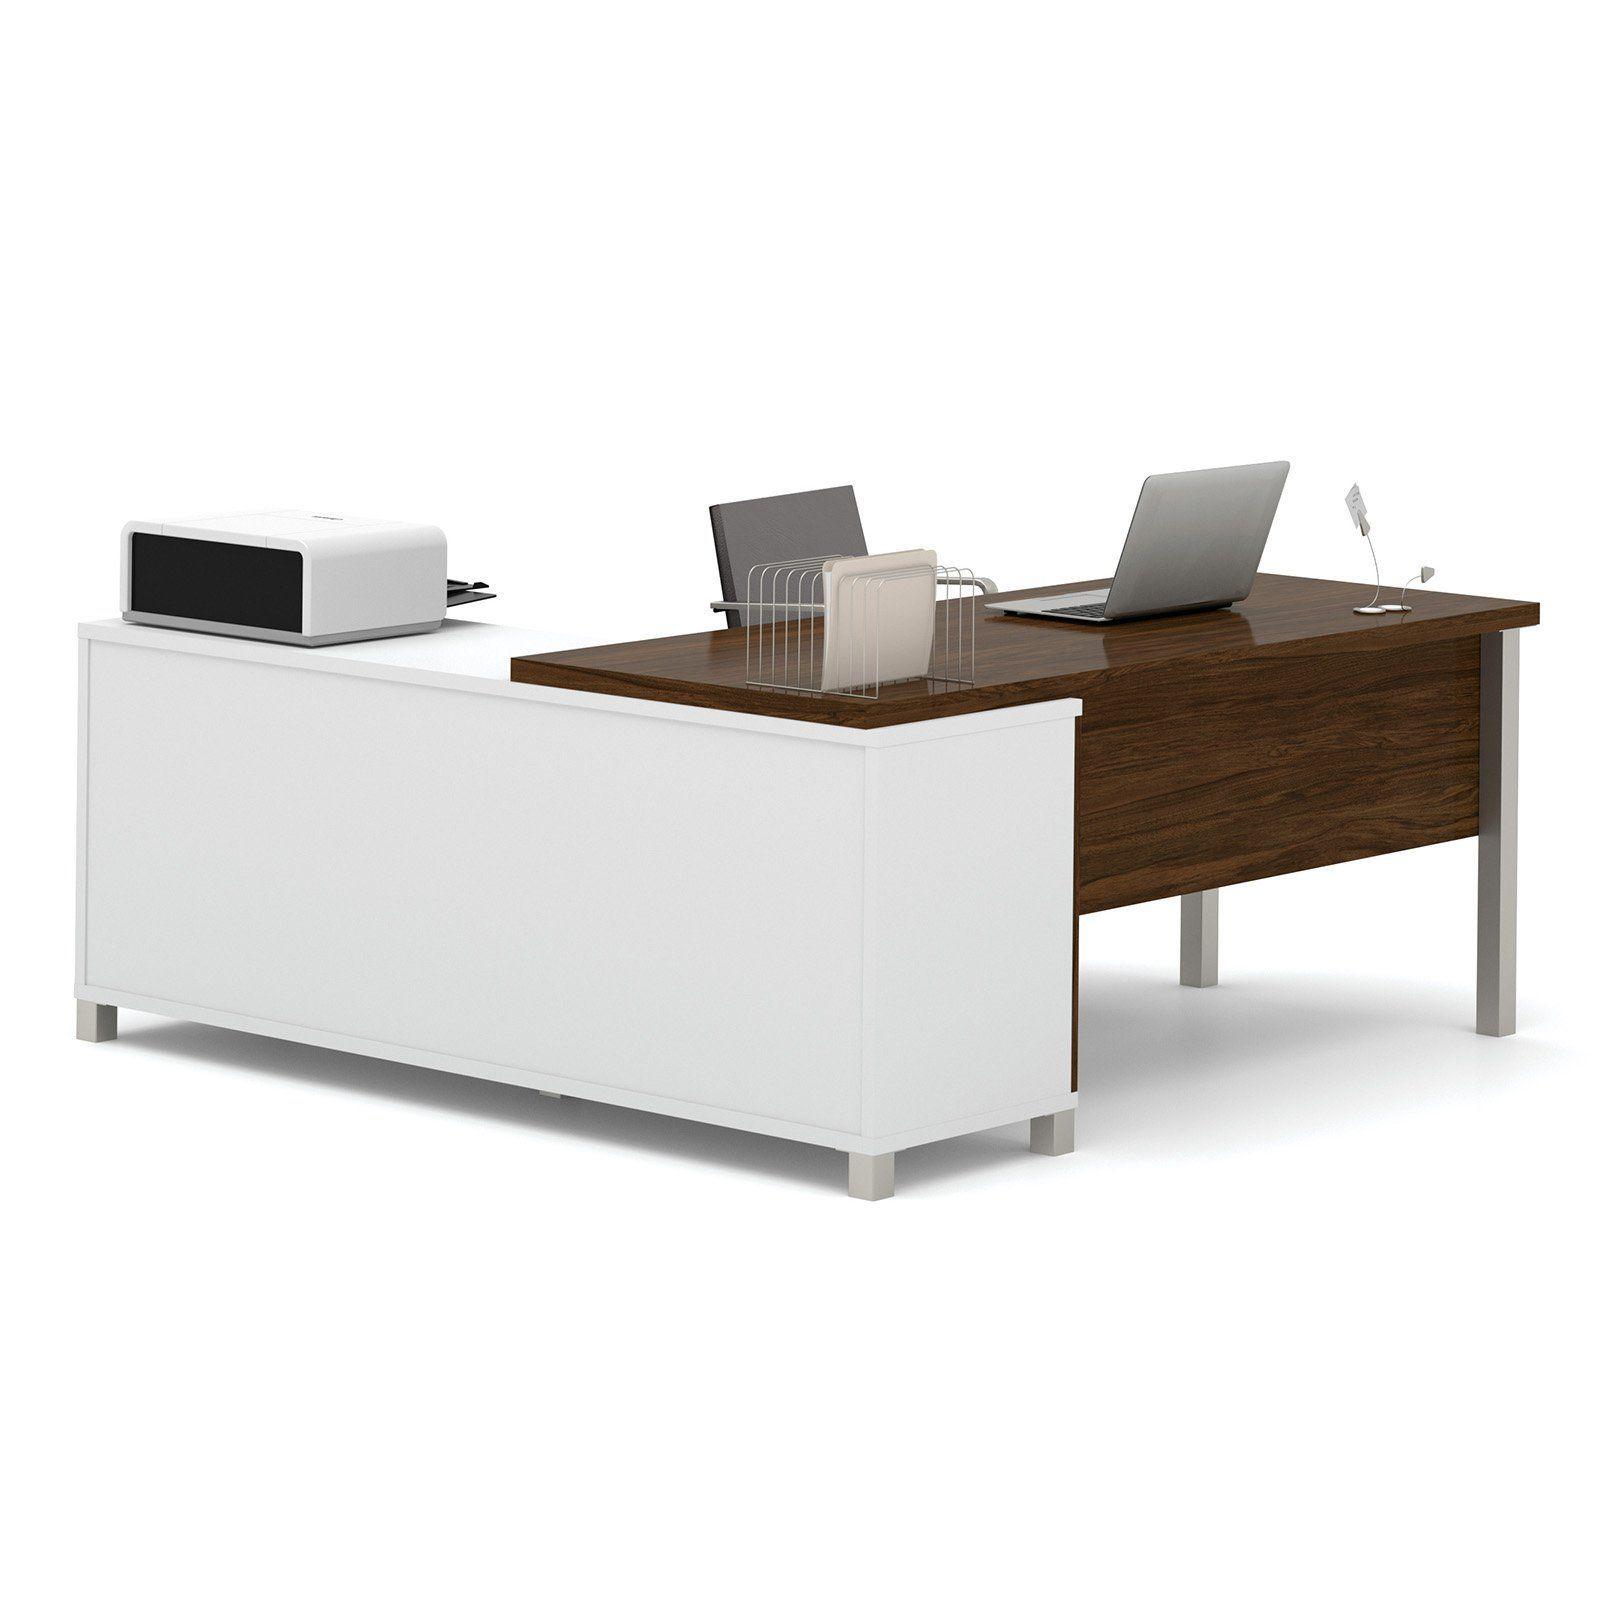 Bestar prolinea lshaped desk with metal legs from hayneedle